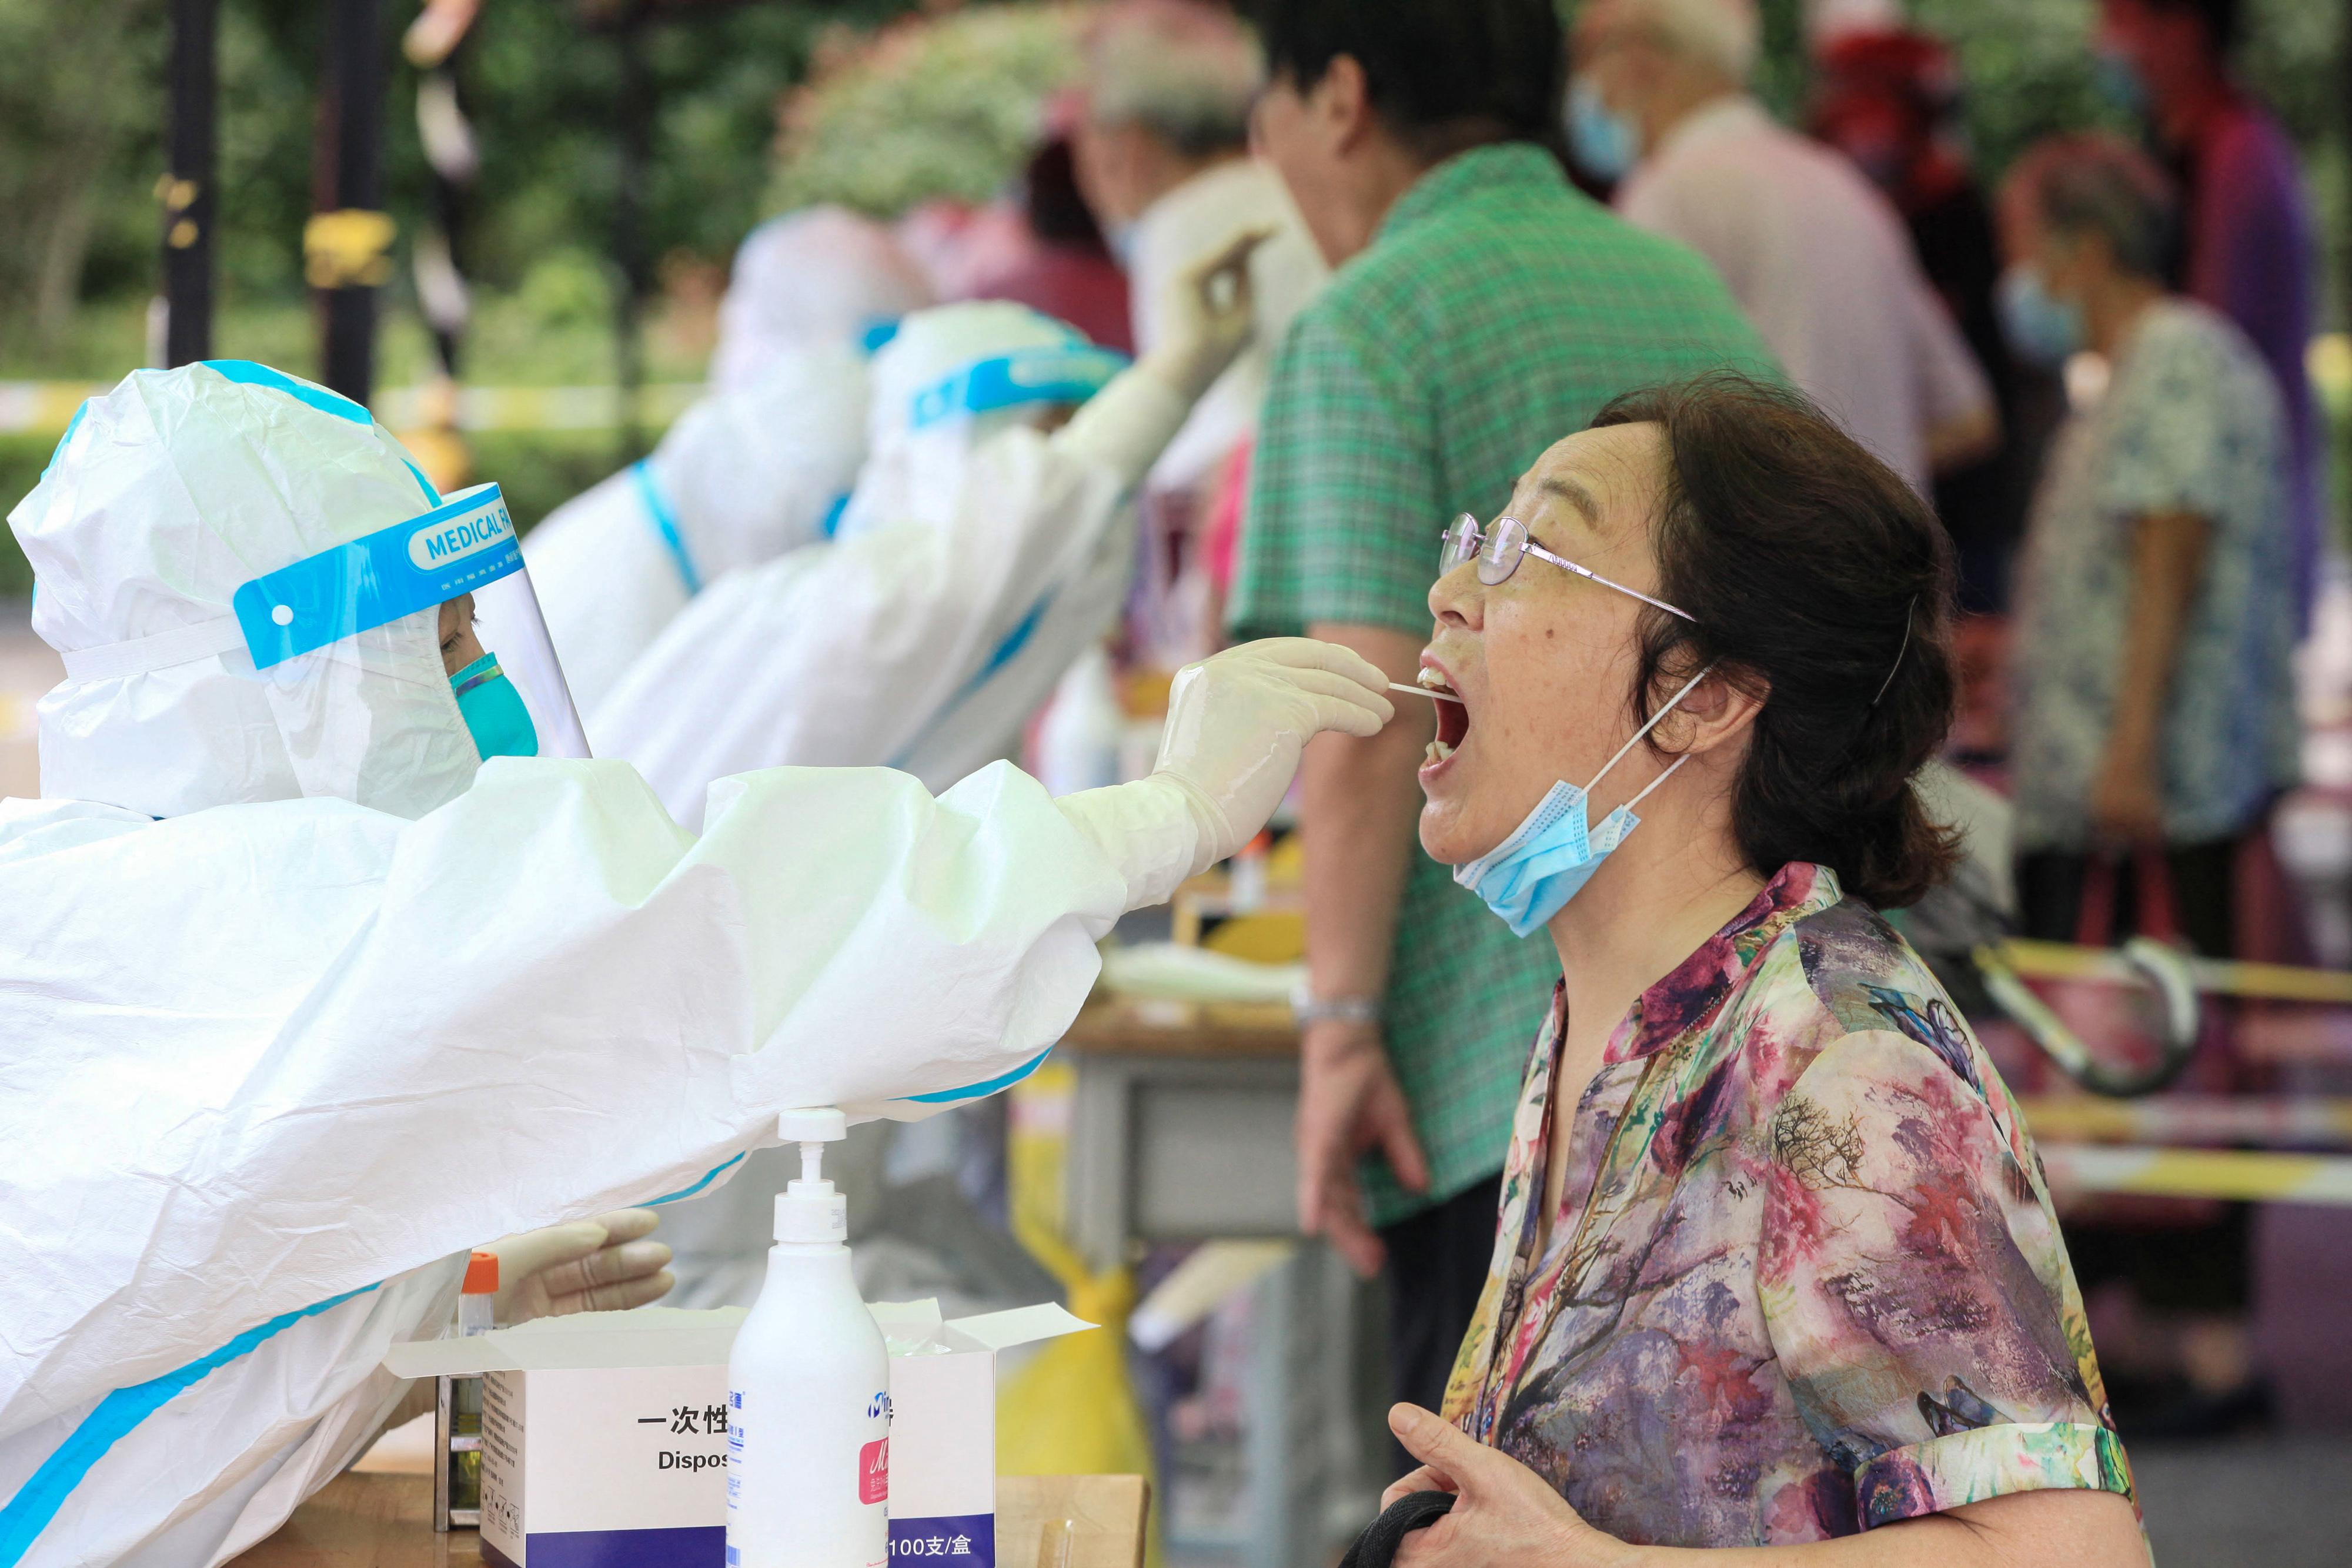 Una mujer recibe una prueba de ácido nucleico para el coronavirus Covid-19 en Nanjing, en la provincia oriental de Jiangsu, el 29 de julio de 2021.